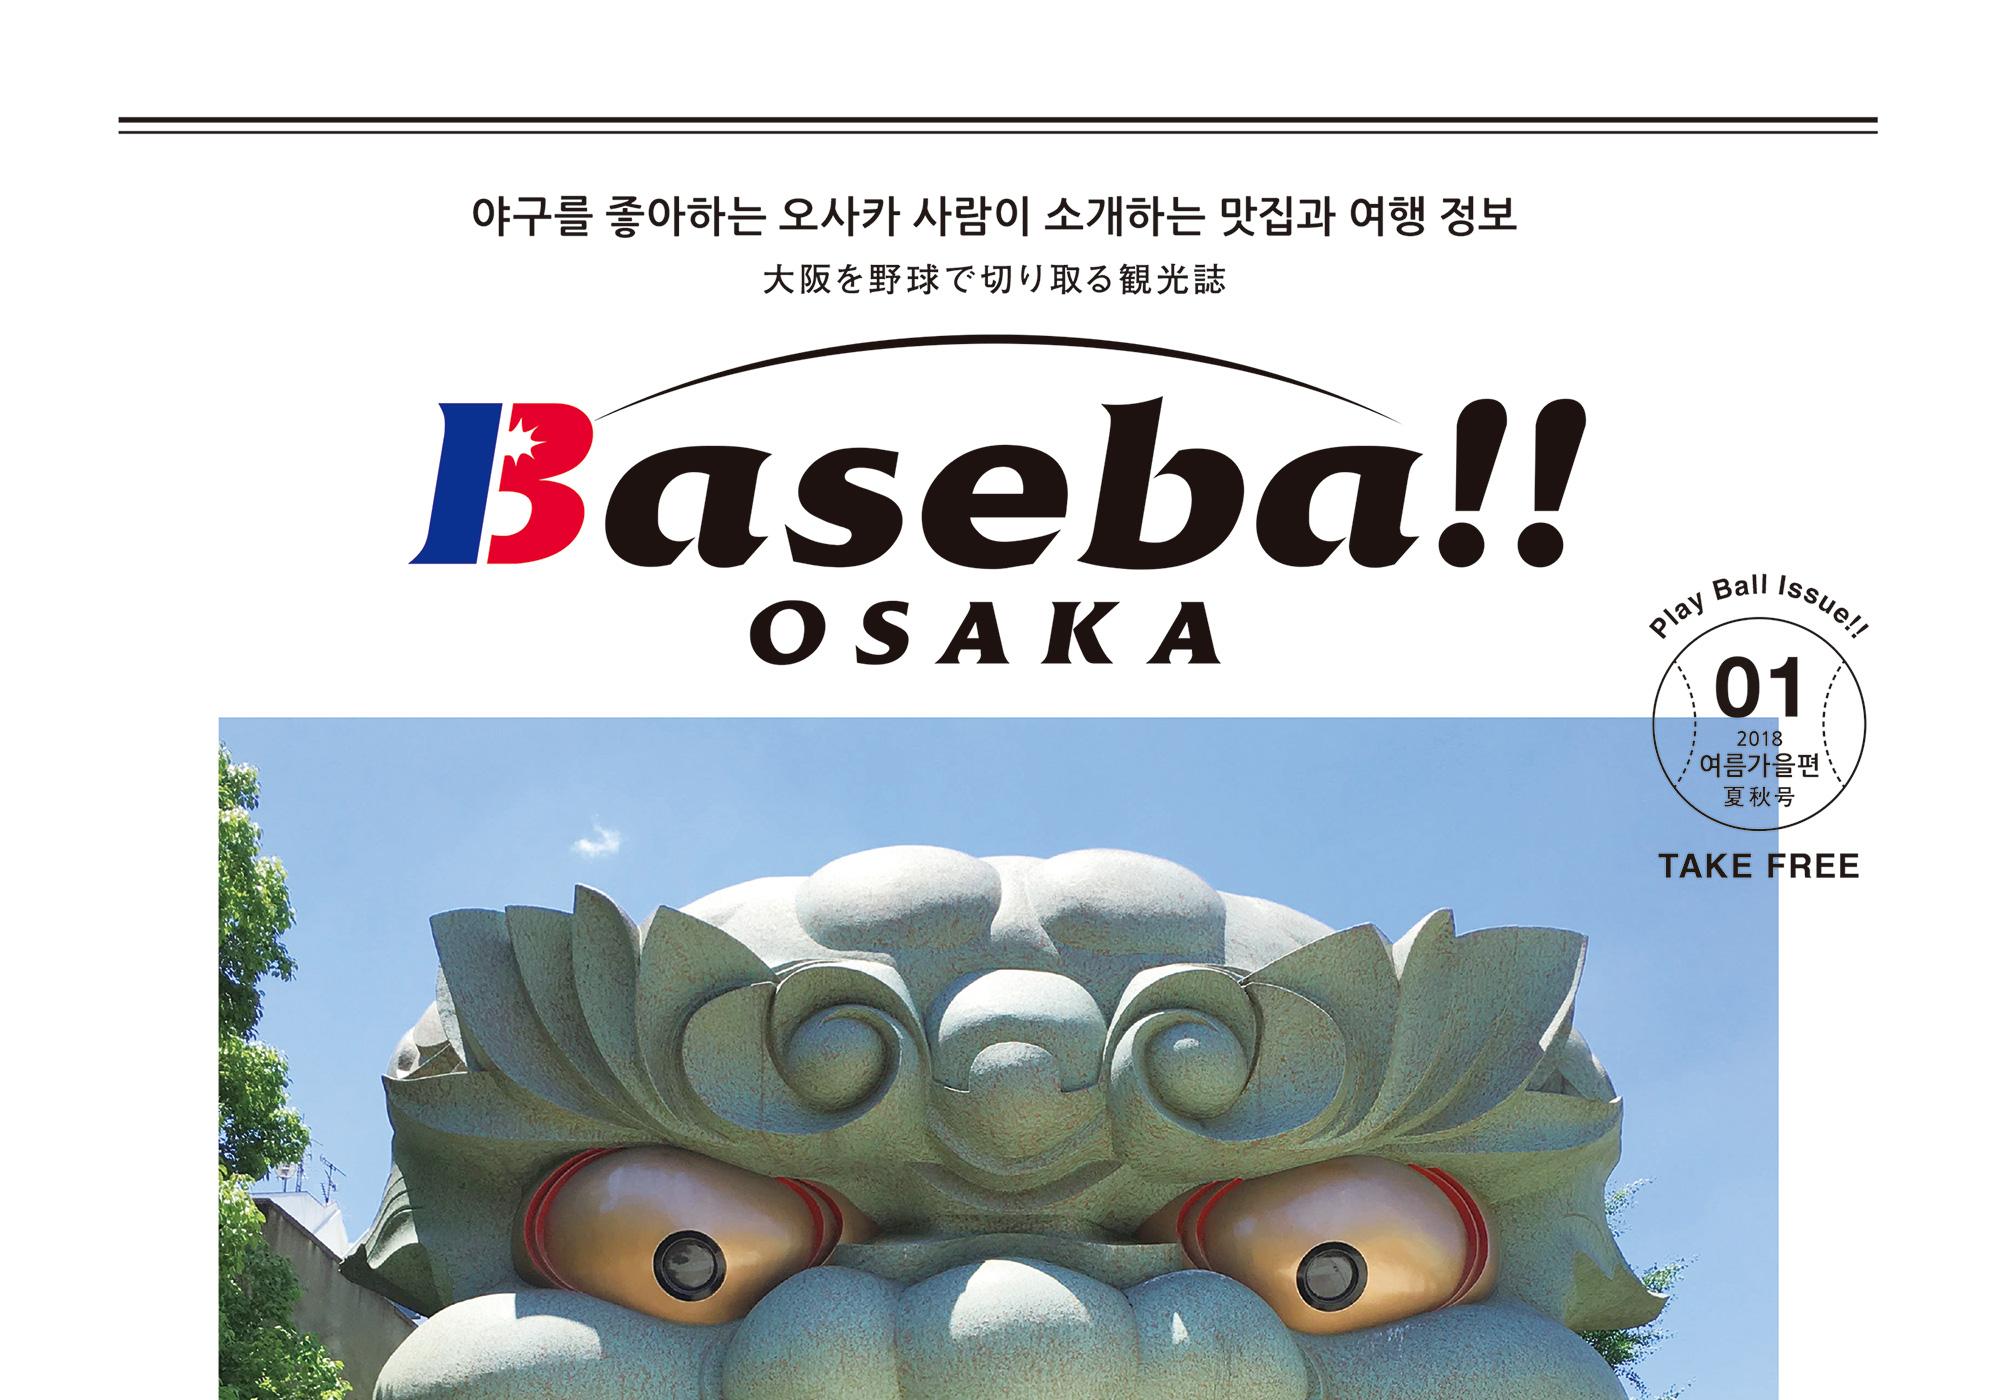 大阪を野球で切り取る観光誌